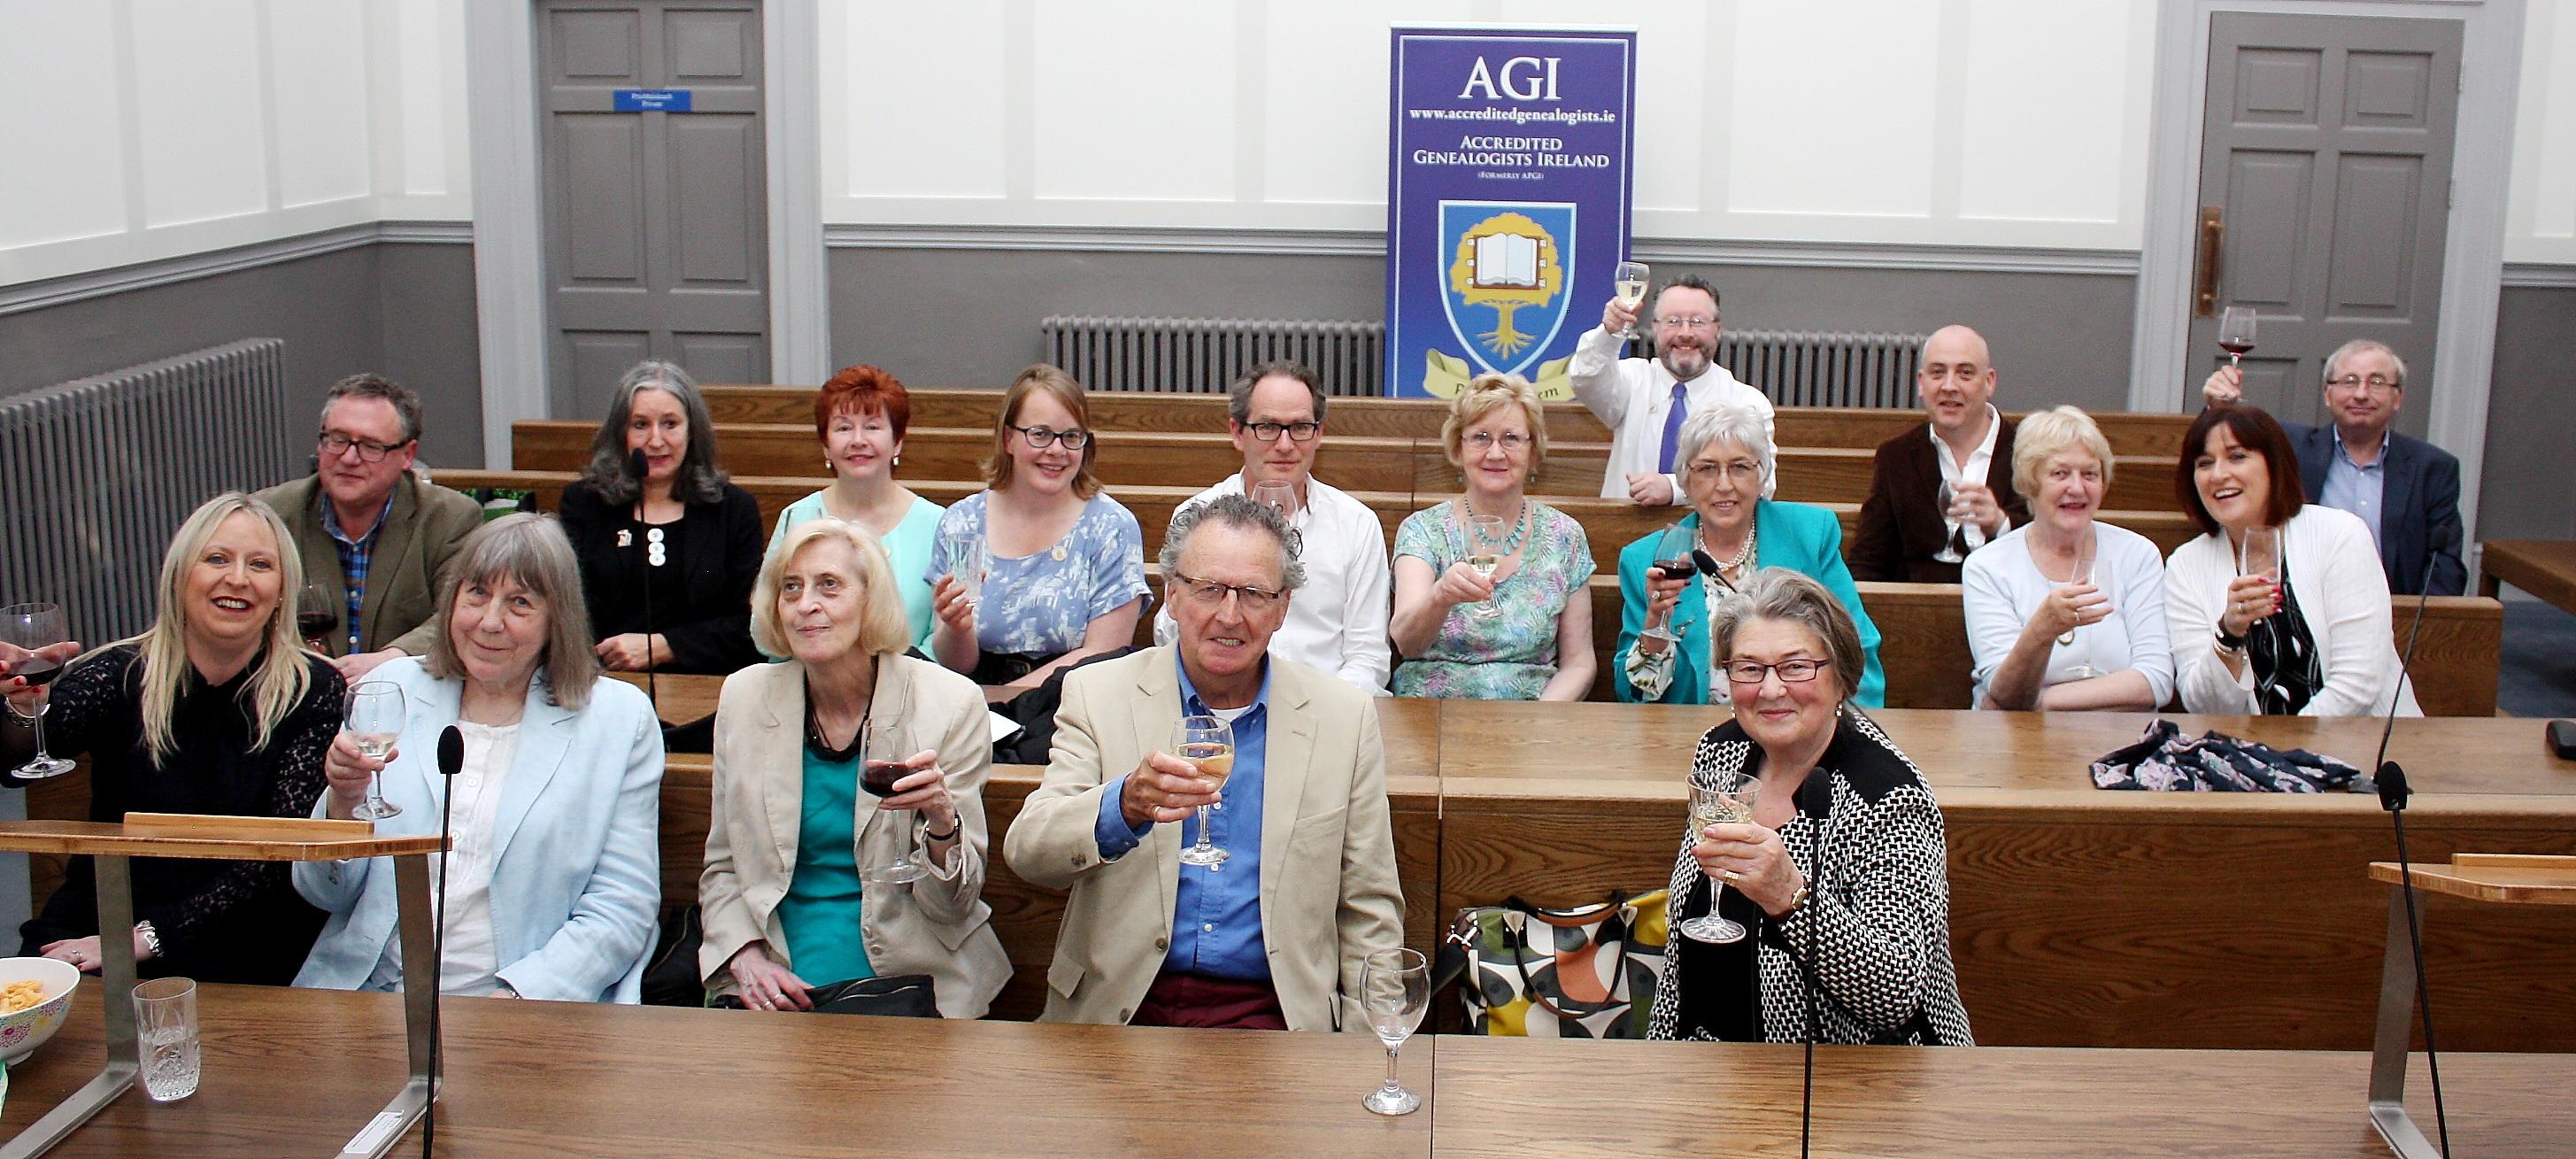 A-toast-AGIs-30th